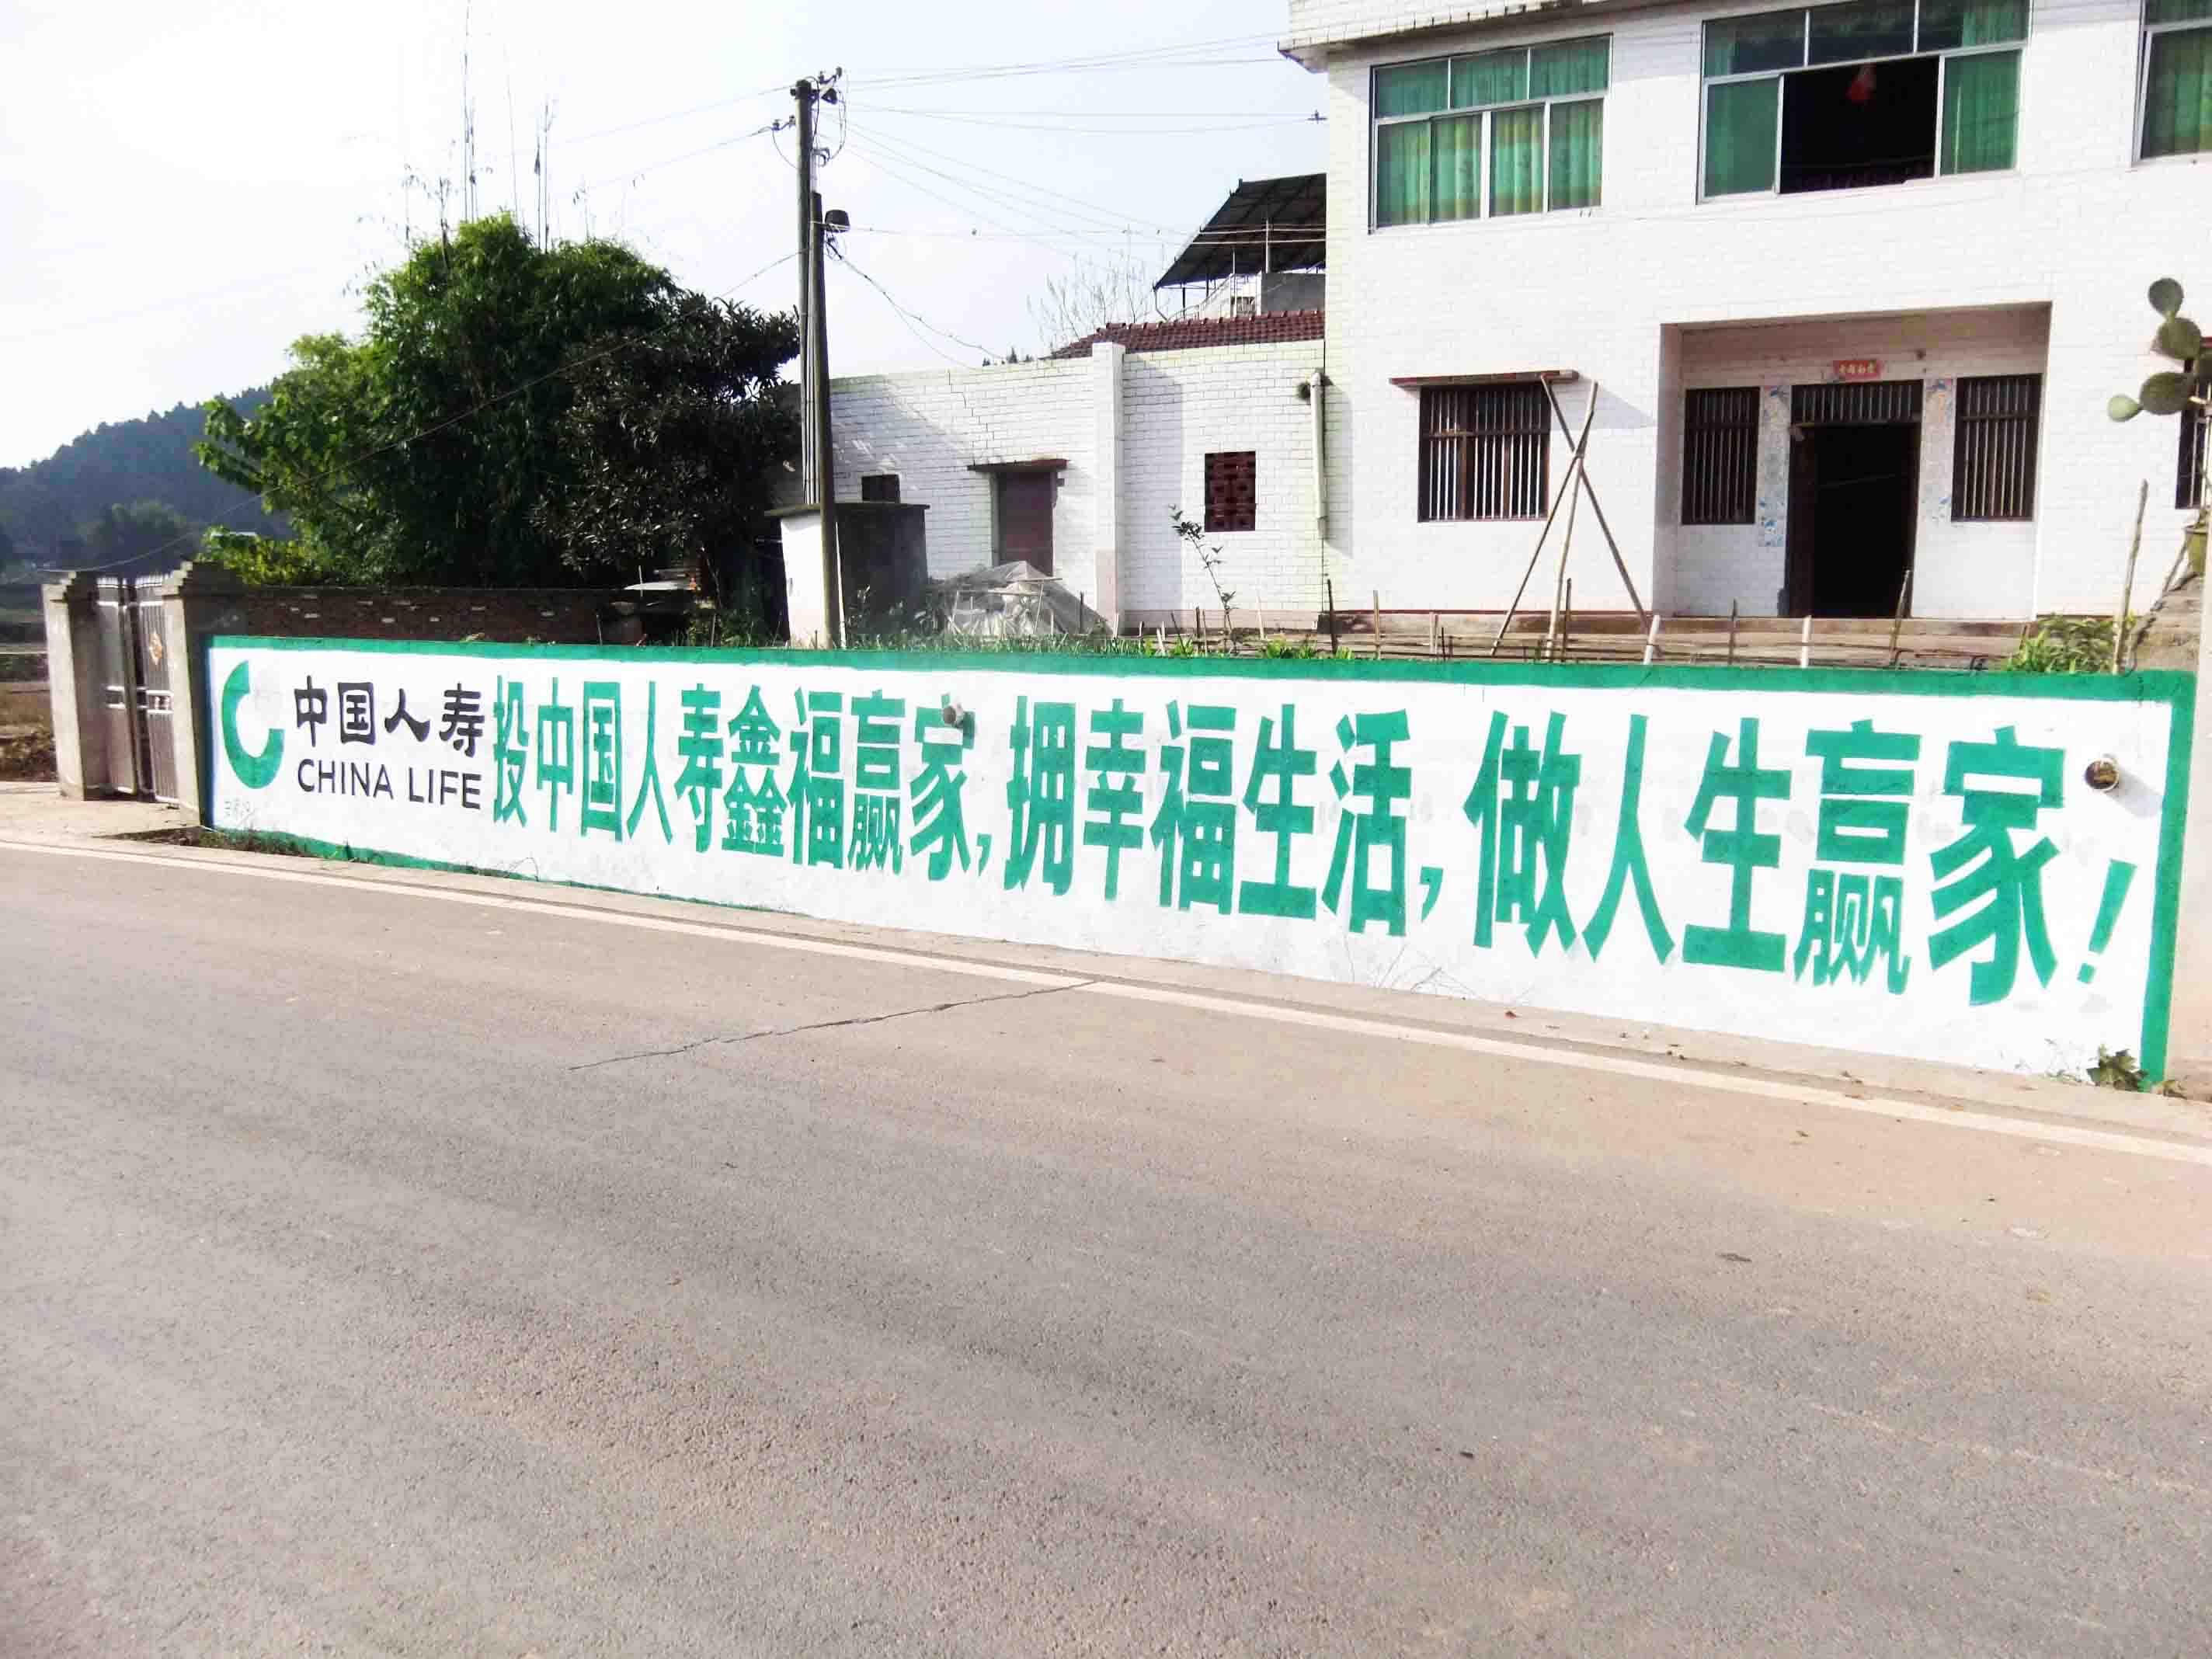 凉山墙体广告制作凉山刷墙广告宣传凉山新农村标语广告                                        -易播网